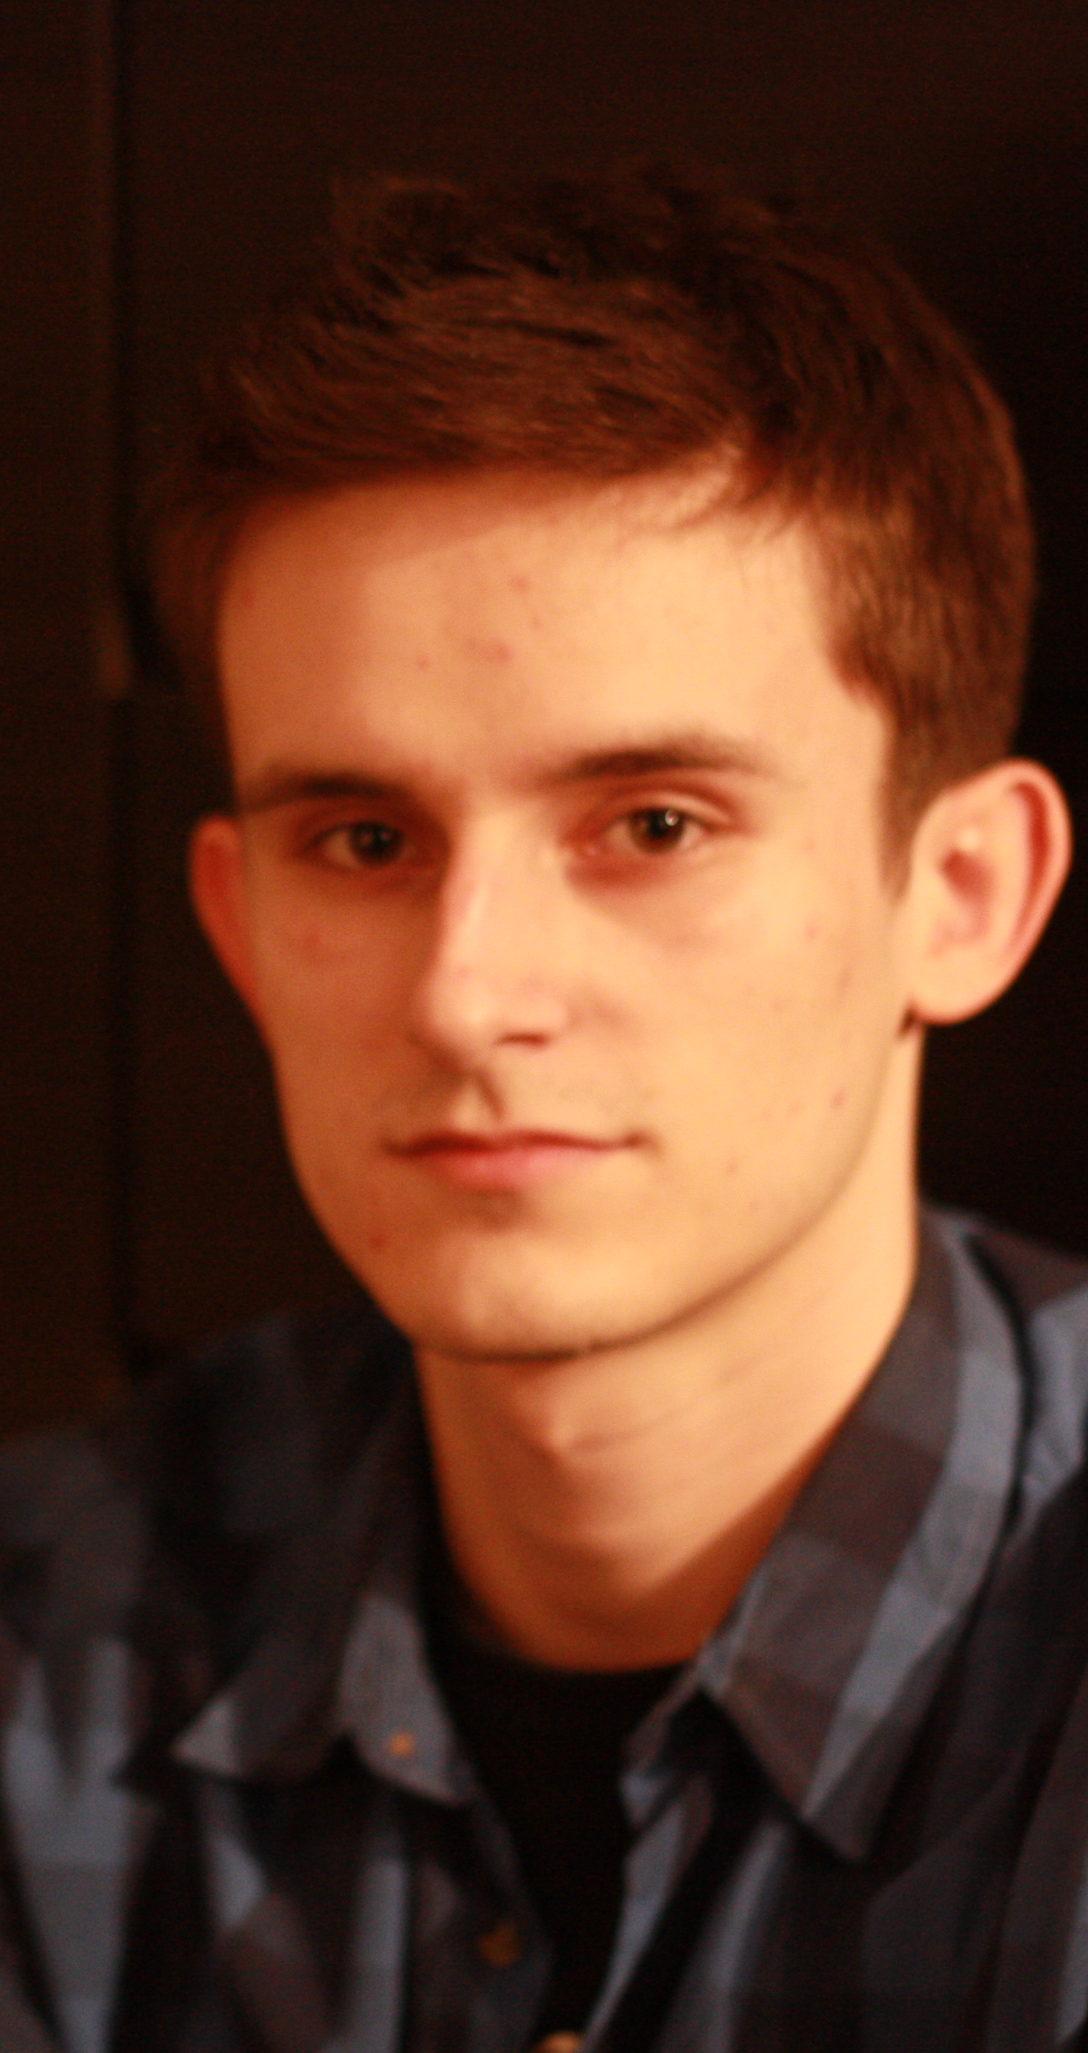 mateusz tomaszkiewicz